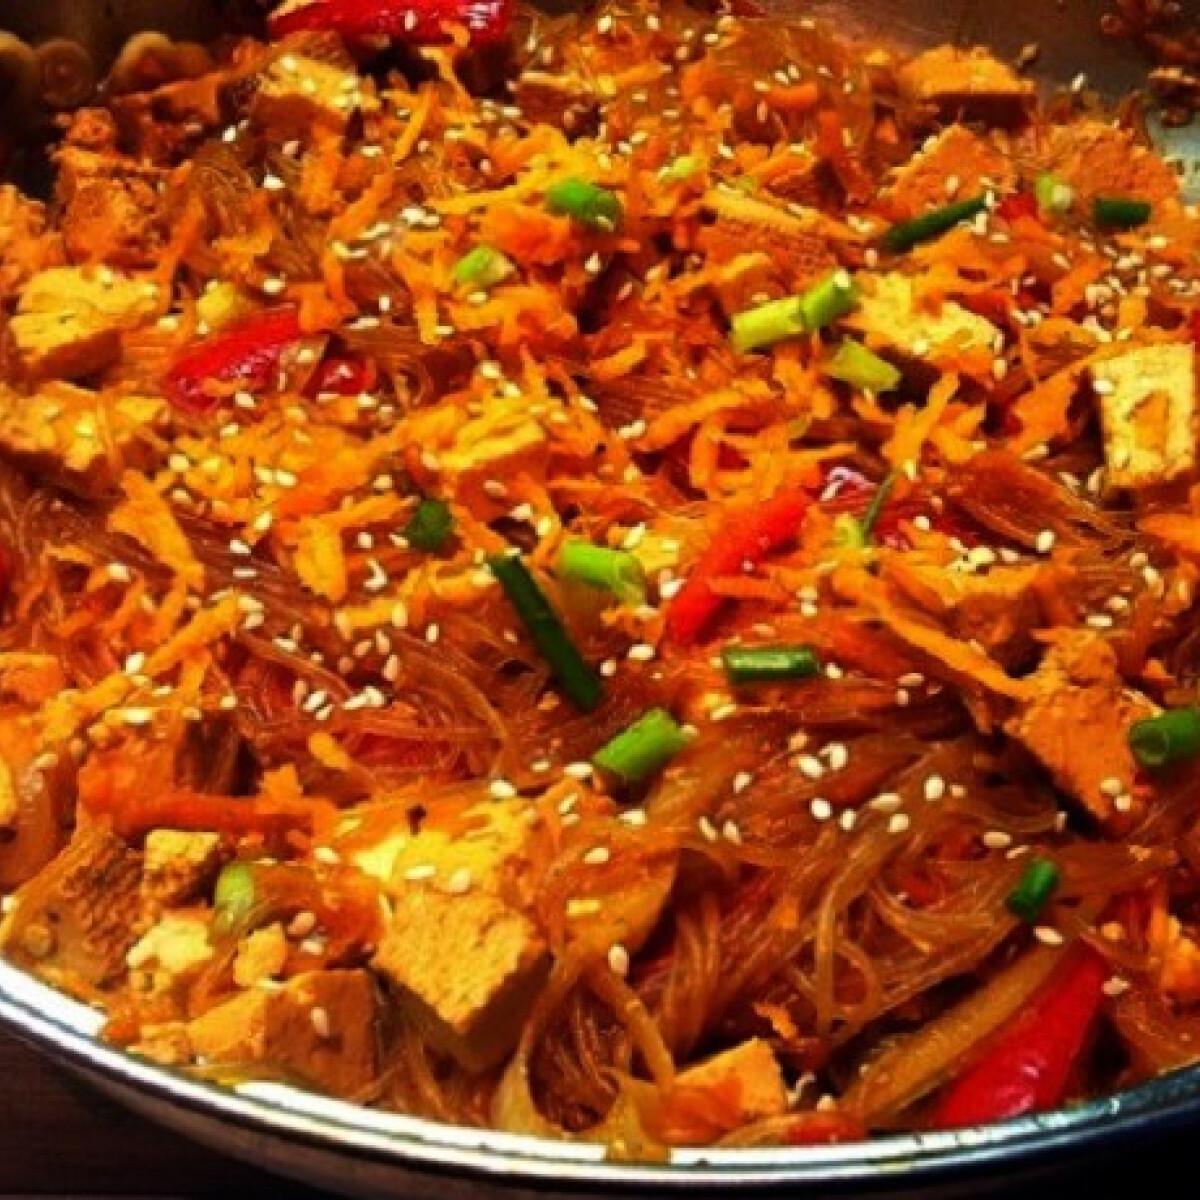 Ezen a képen: Pad thai tofuval egyszerűen